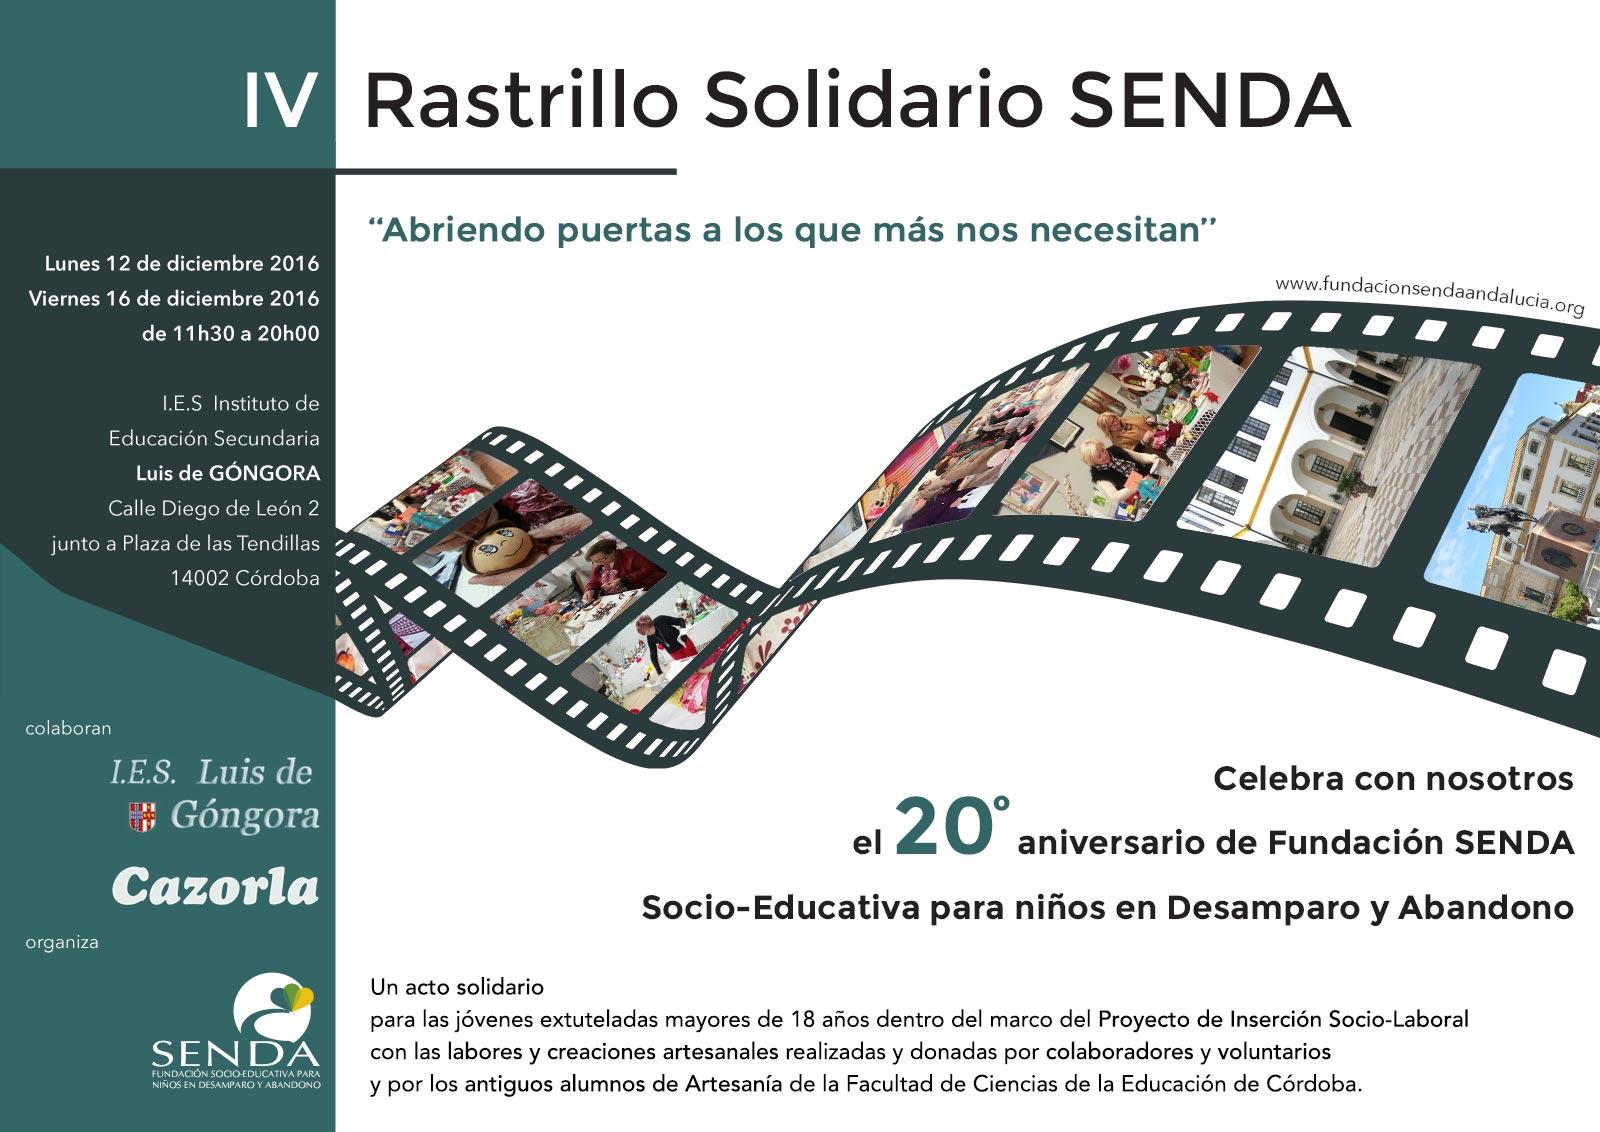 Rastrillo Solidario cuarta edición Fundación Senda Córdoba